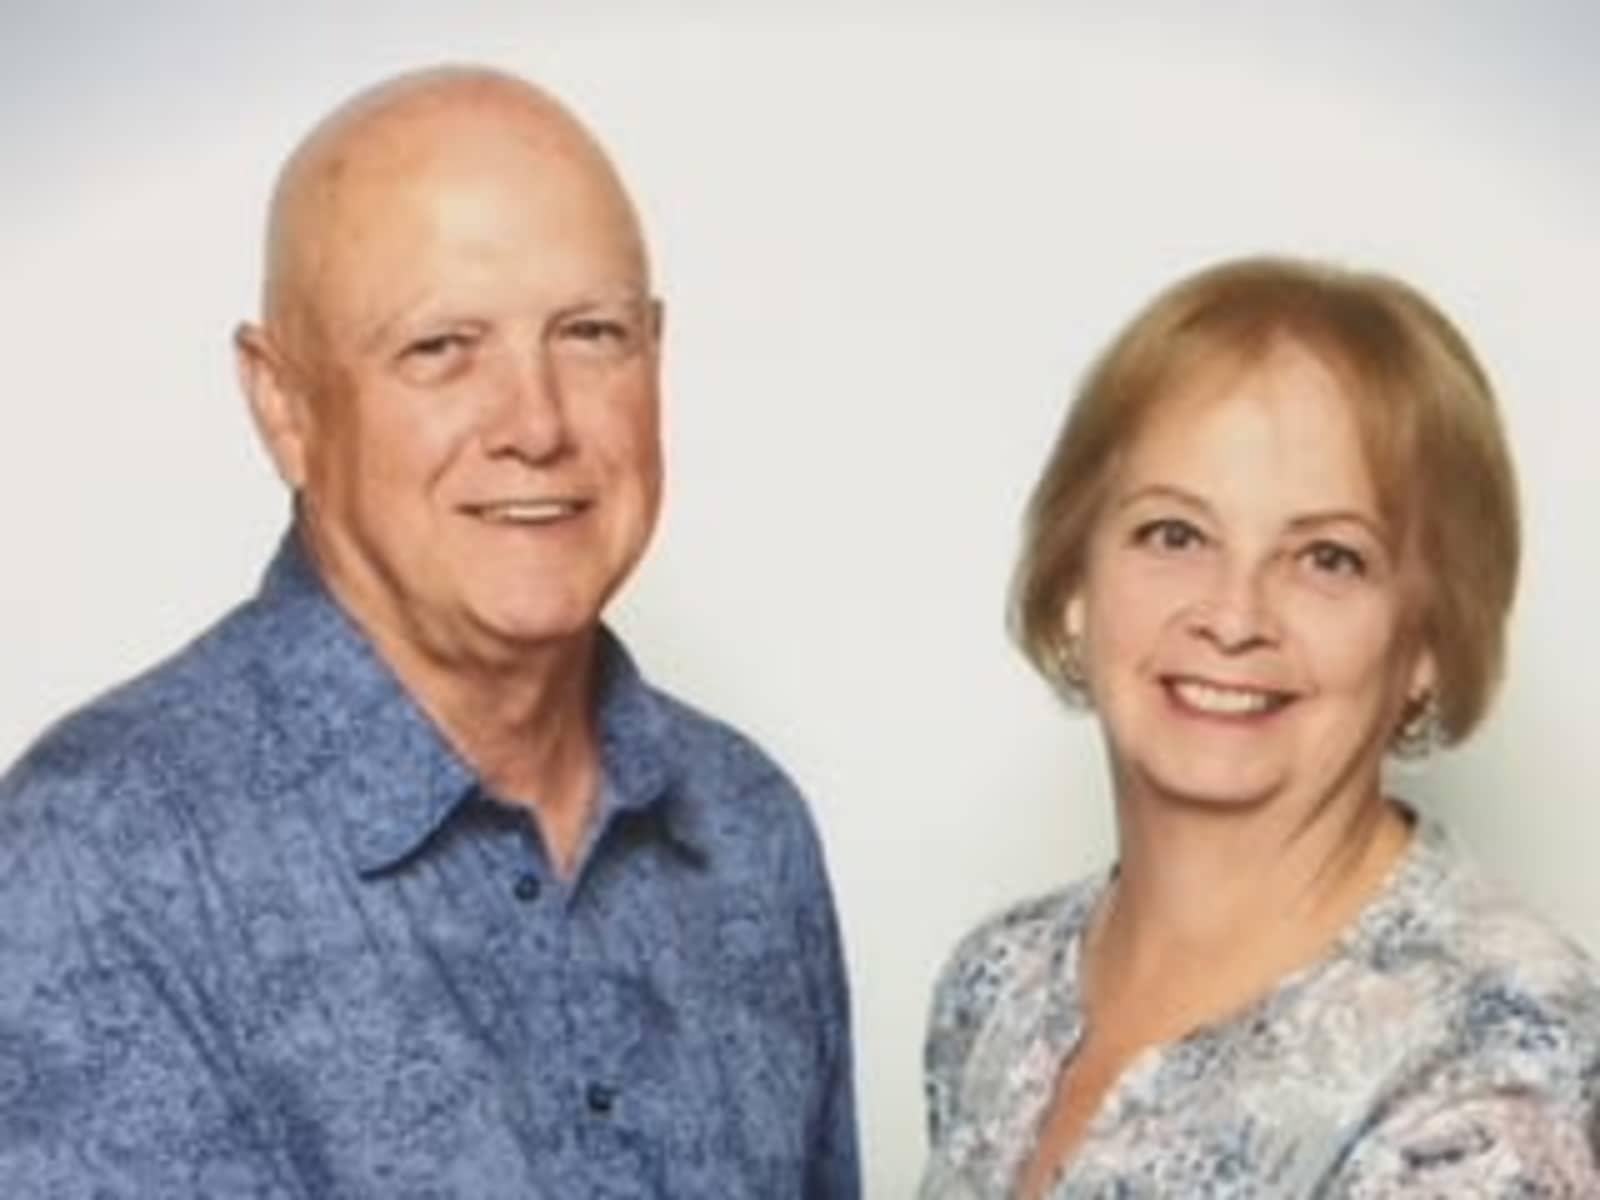 Darrell & Sheila from Abu Dhabi, United Arab Emirates